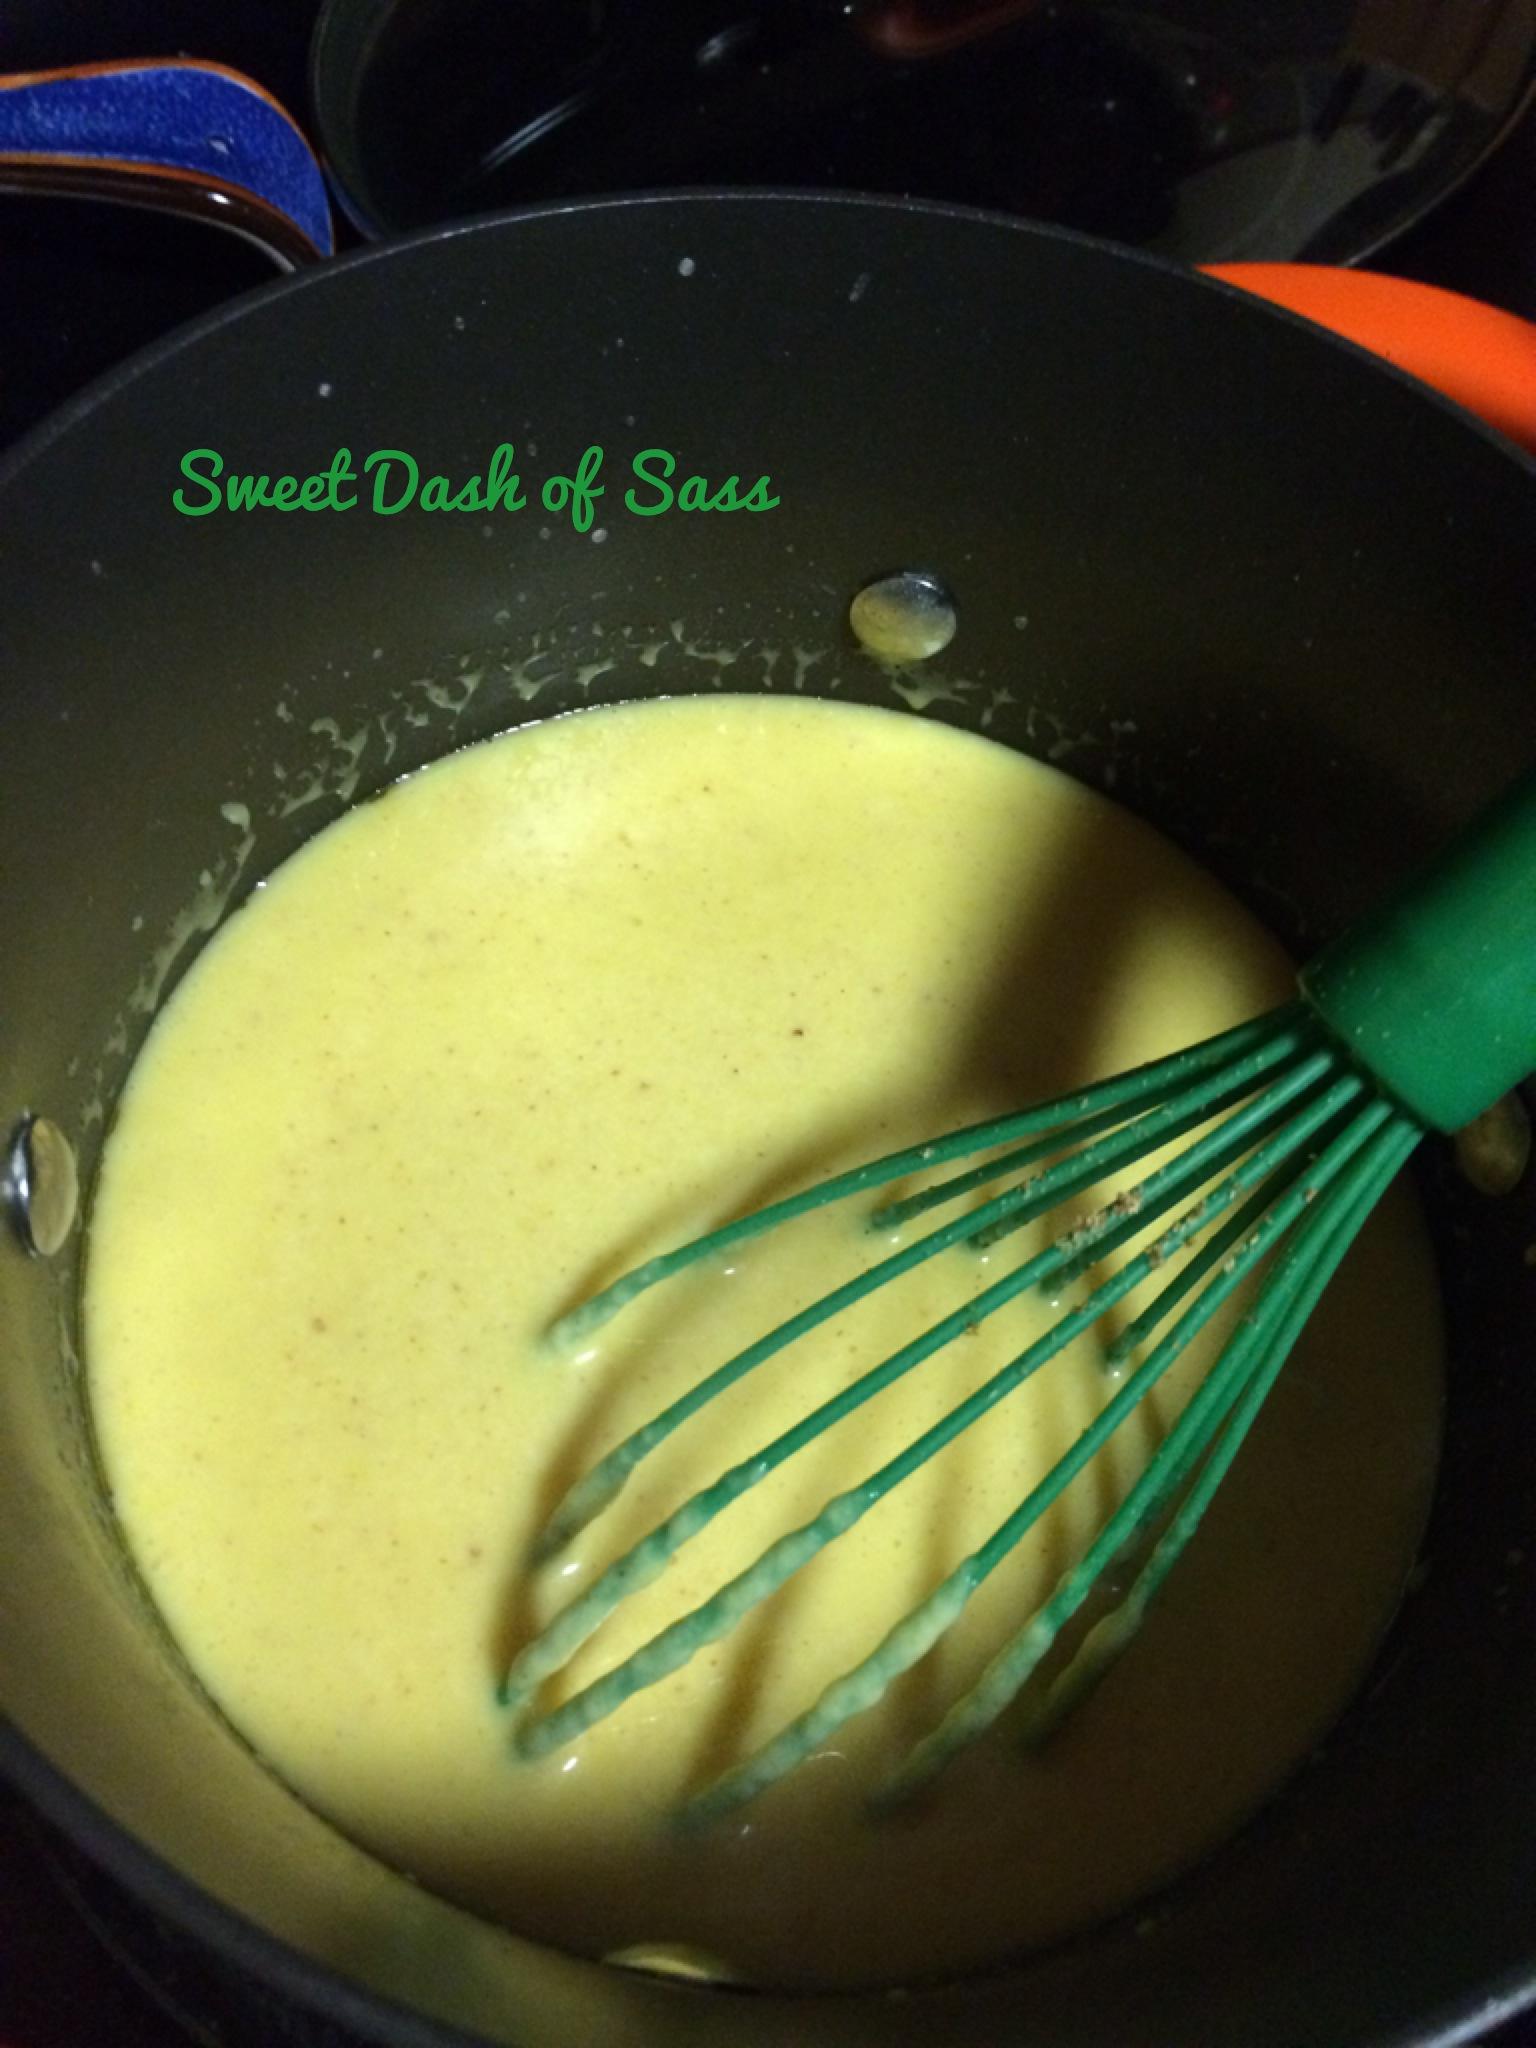 Cheesy-Mustard Sauce - www.SweetDashofSass.com